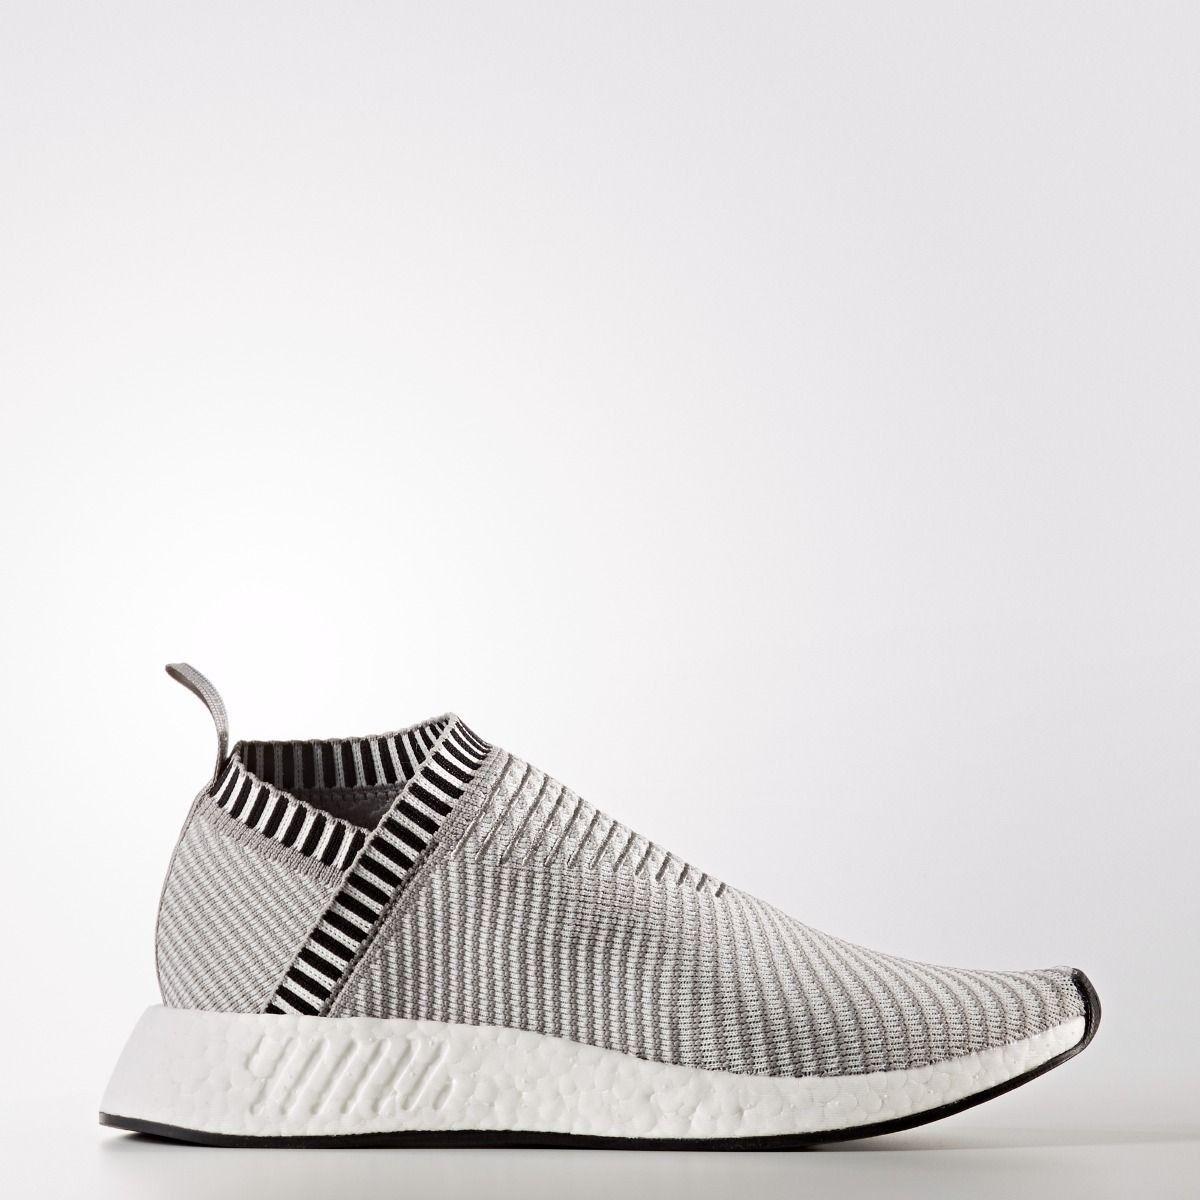 adidas hombre zapatillas gris